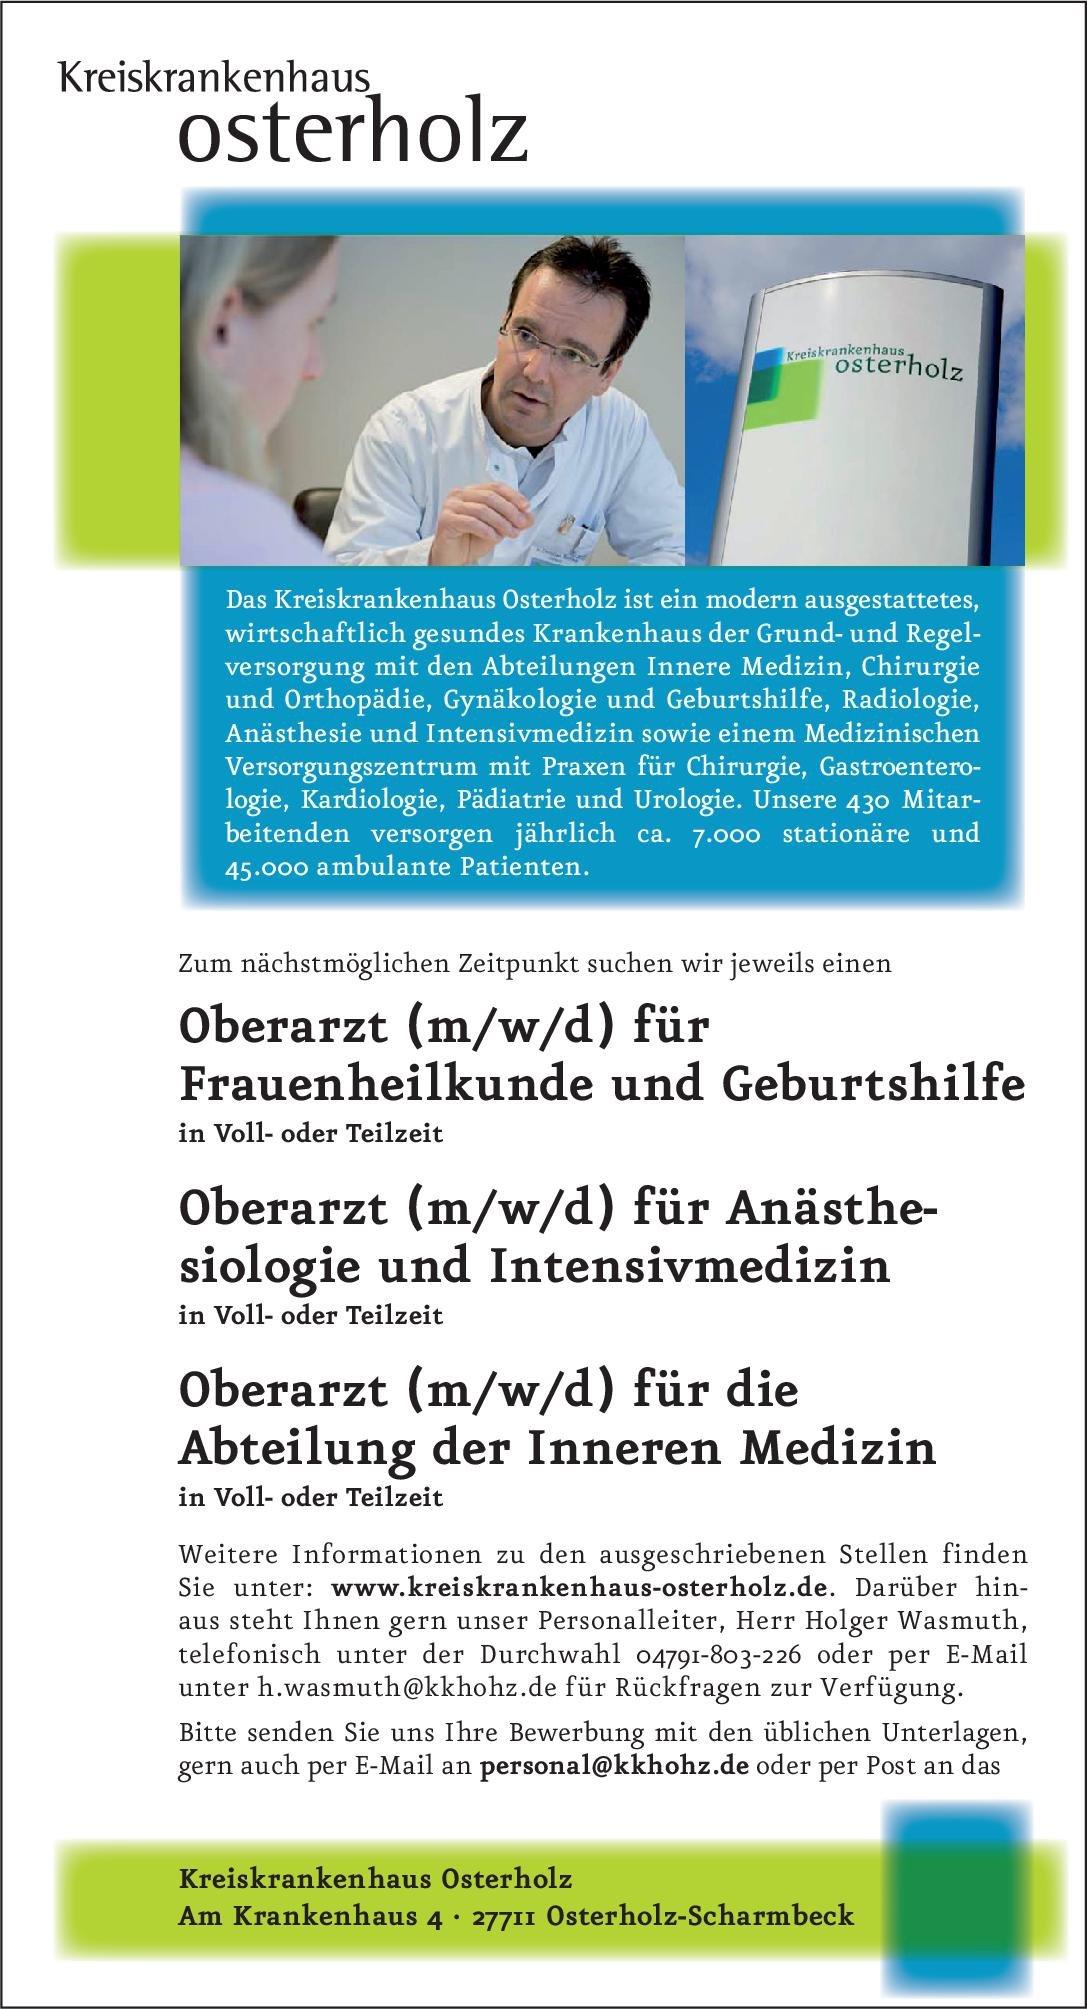 Kreiskrankenhaus Osterholz Oberarzt (m/w/d) für Anästhesiologie und Intensivmedizin Anästhesiologie / Intensivmedizin Oberarzt